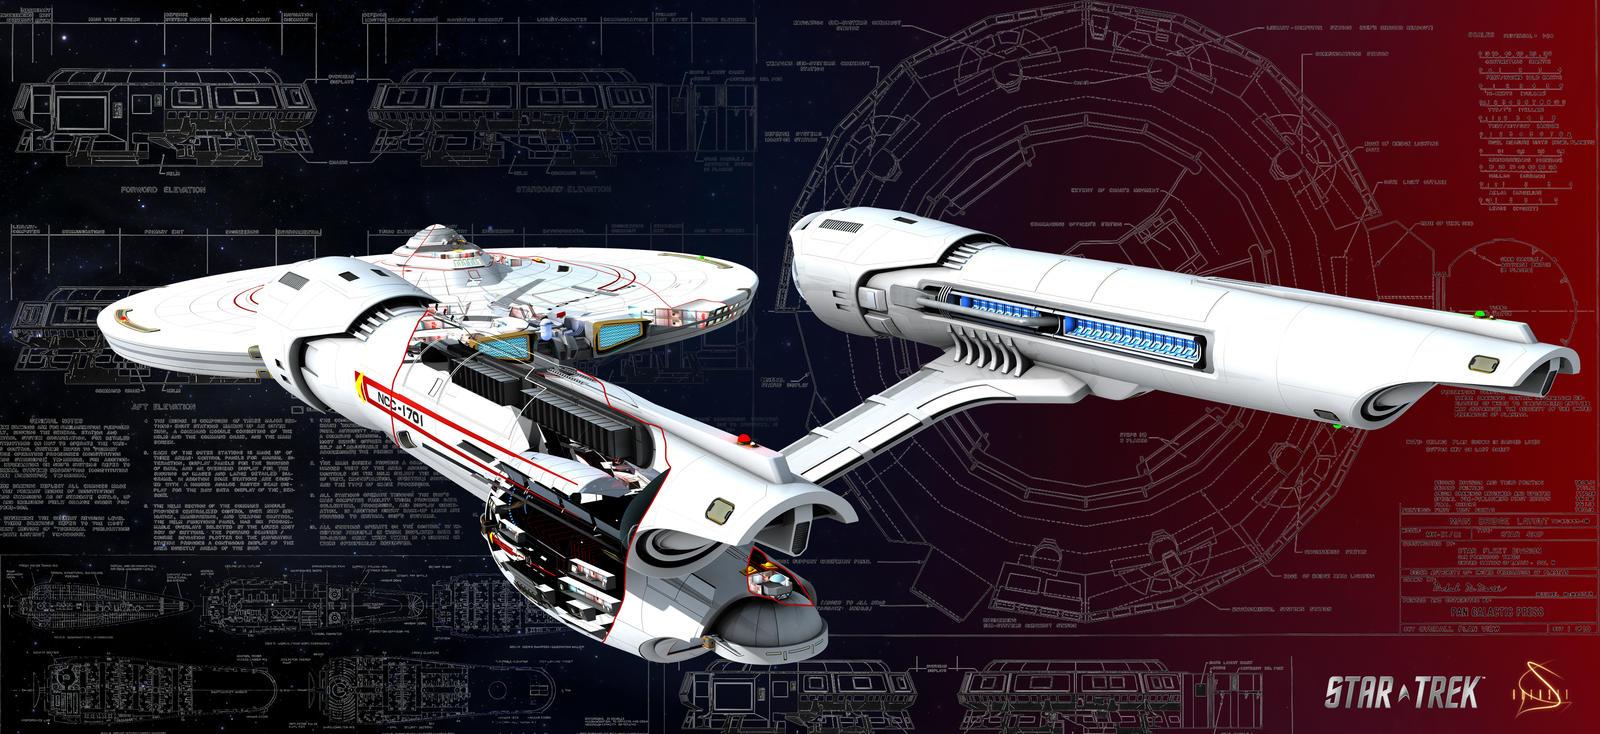 reimagined uss enterprise ncc - photo #15